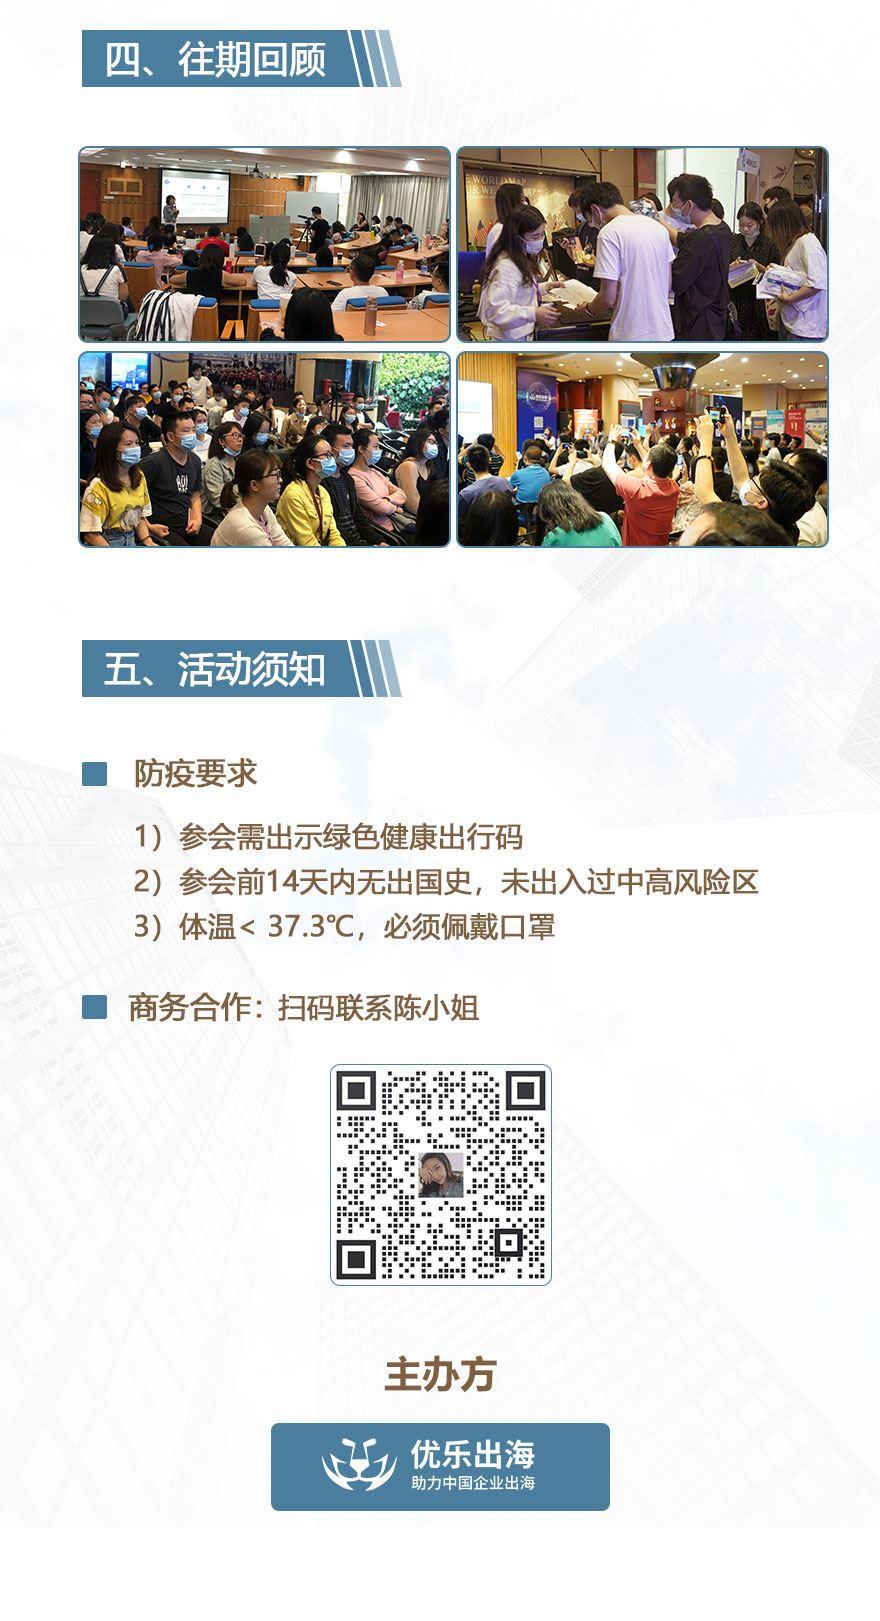 平台卖家转战独立站策略分享会详情页_05.jpg